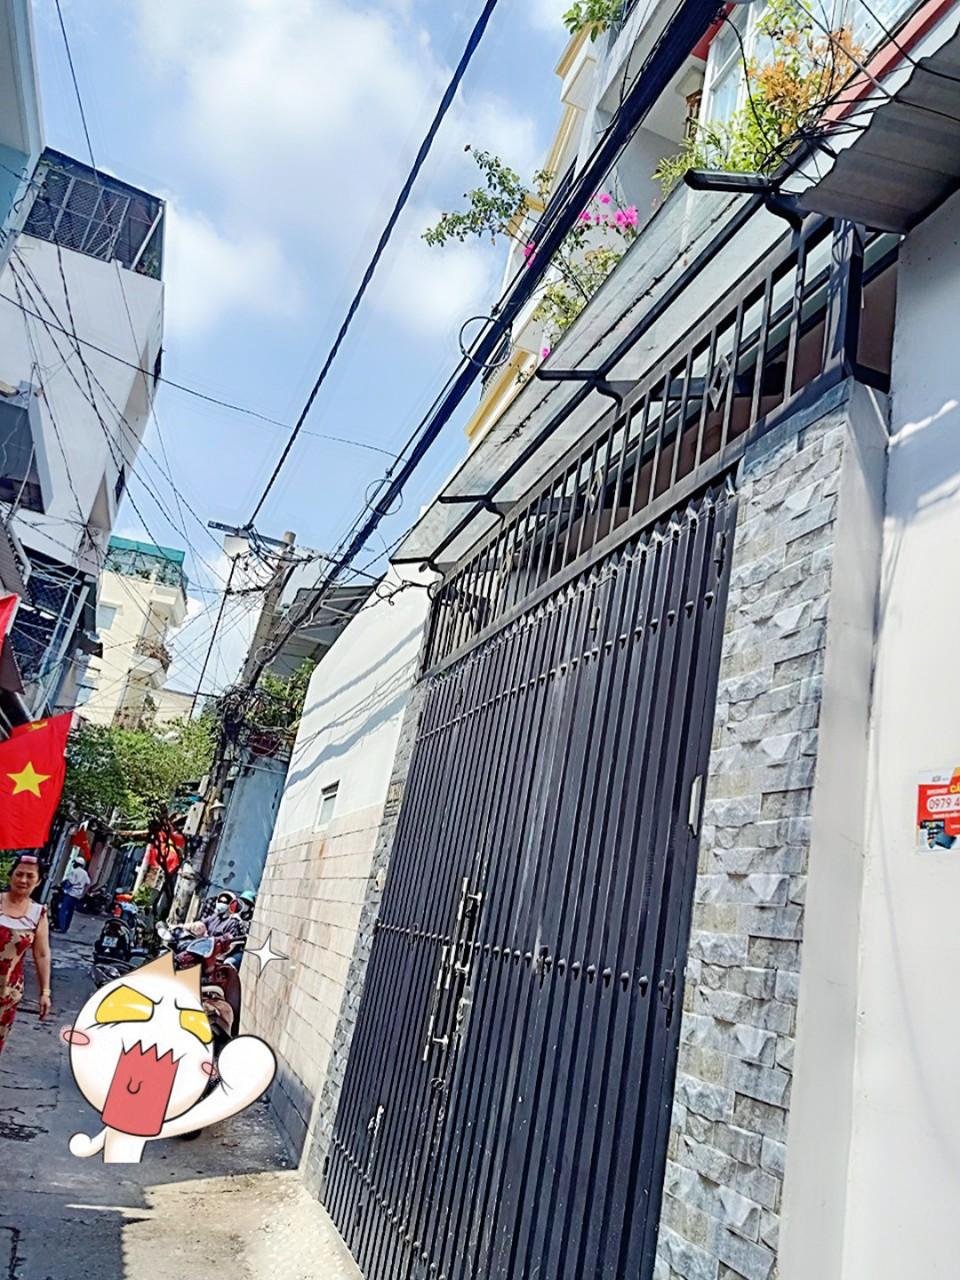 Bán nhà hẻm 198 Nguyễn Sơn quận Tân Phú giá rẻ 2020. Nhà 1 lầu hẻm 3m